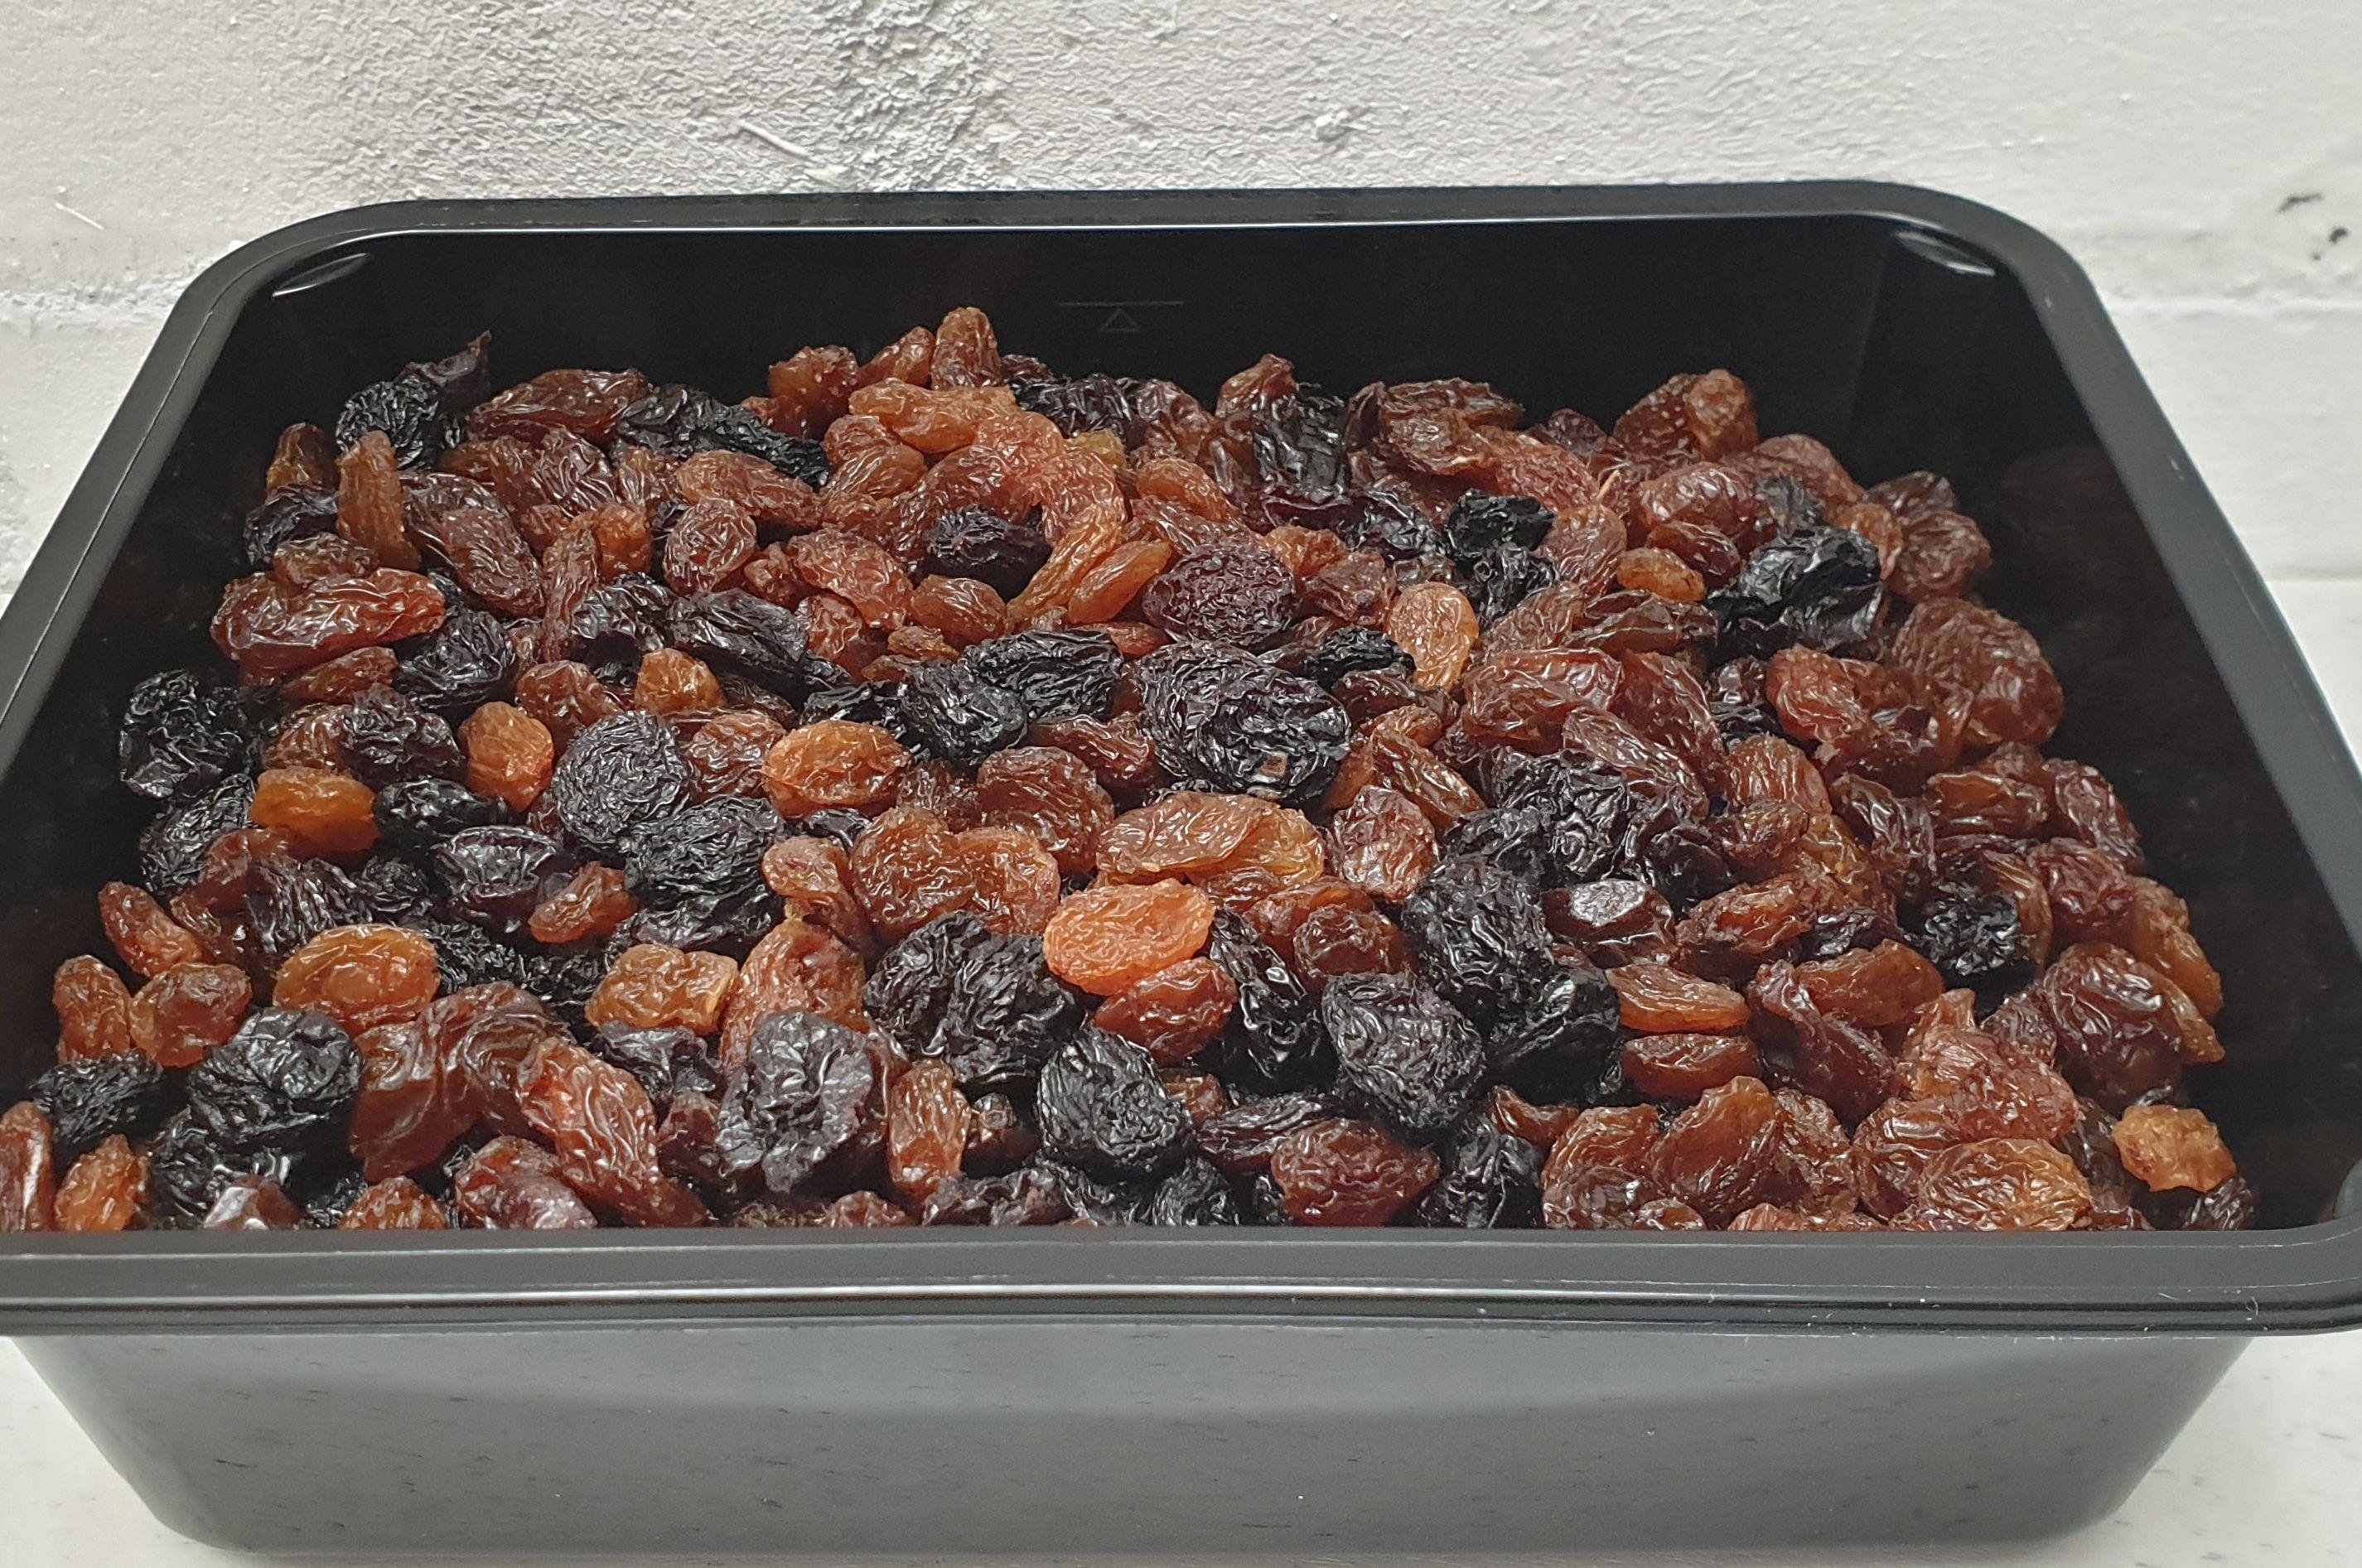 Sultana rozijnen nr. 9 Jumbo per kilo